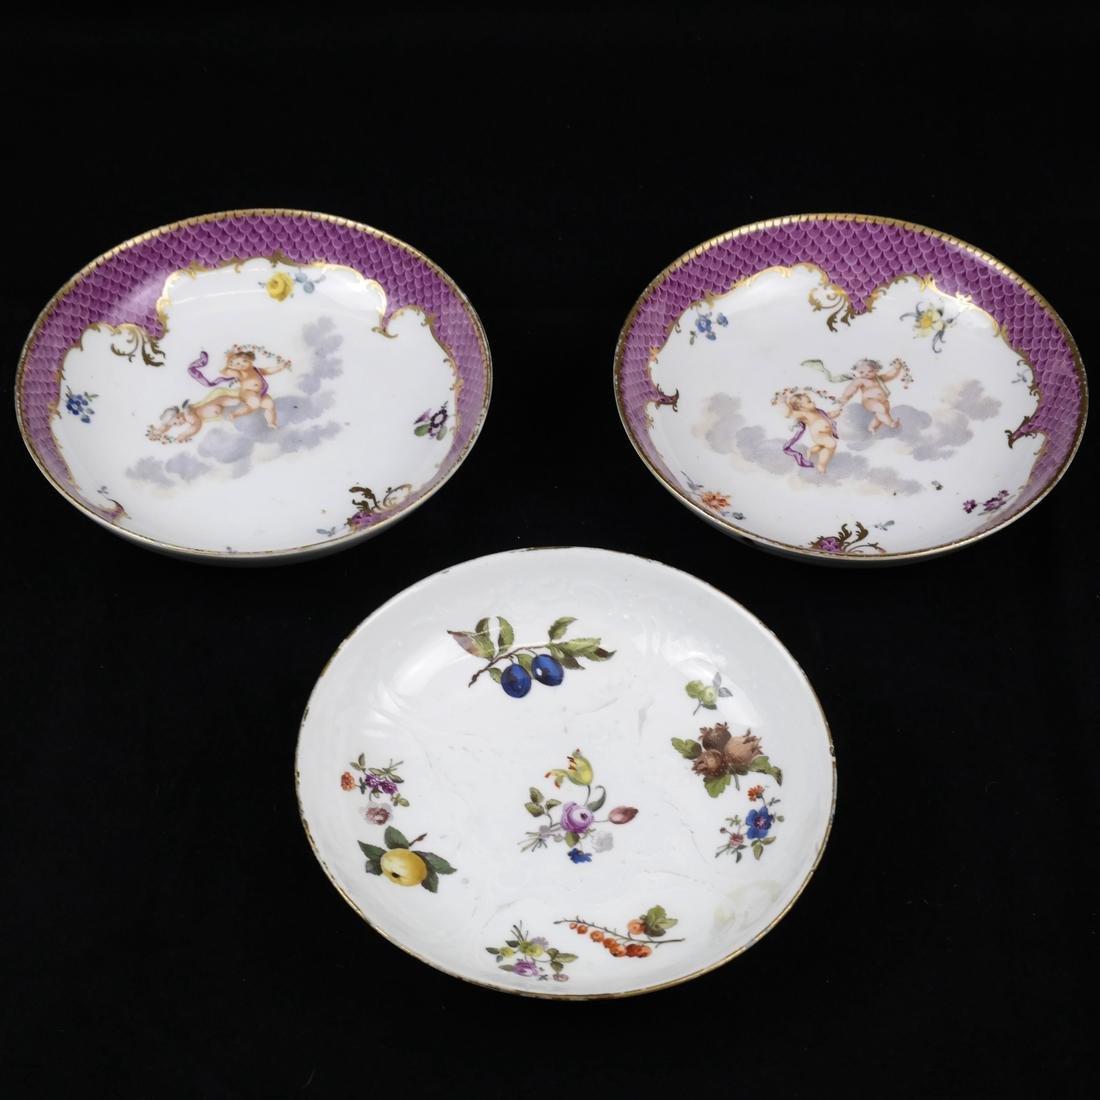 Three Meissen Decorated Plates